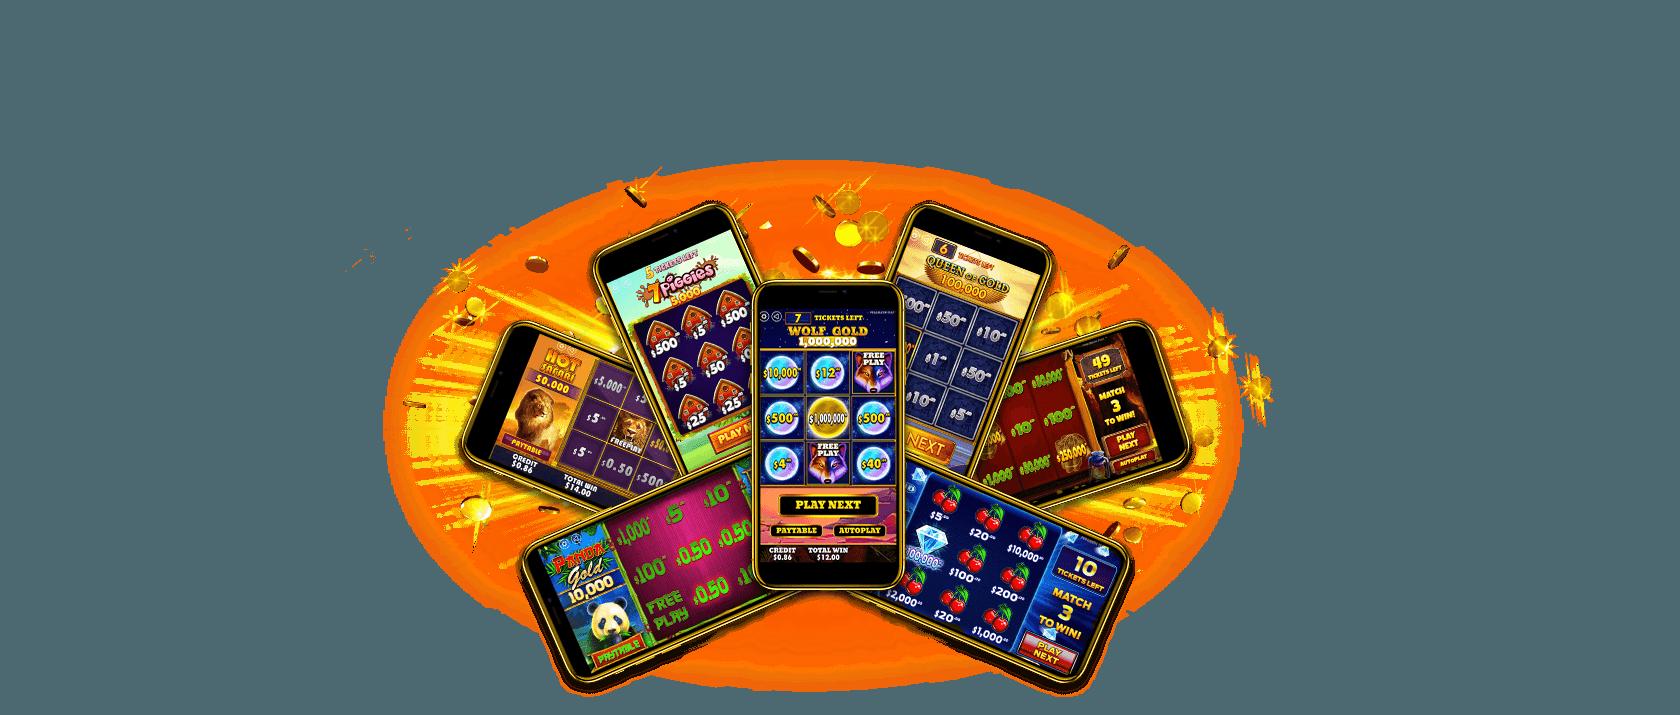 Casinospel Android - 16107